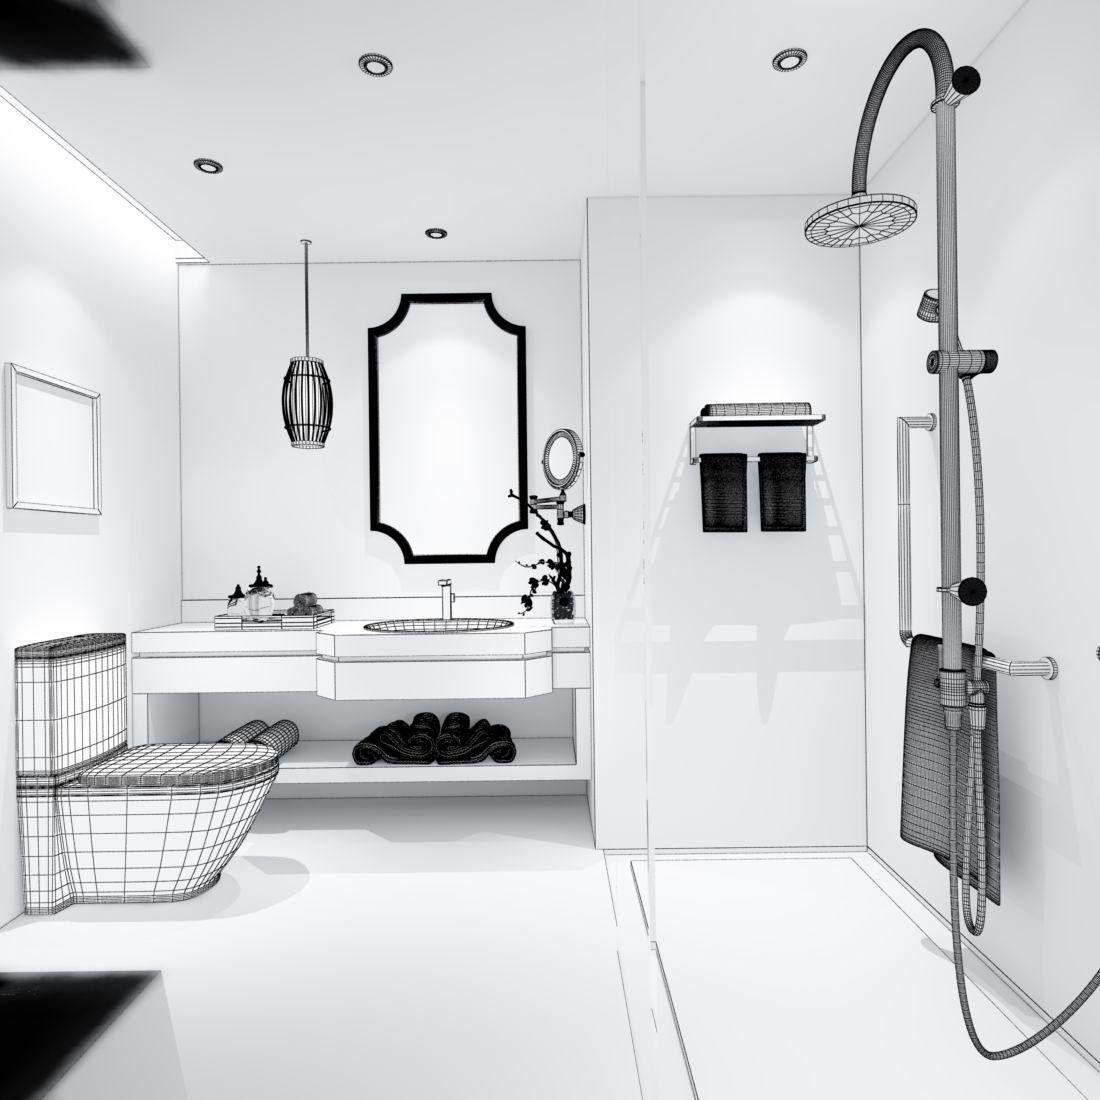 bathroom design complete model 71 3D | CGTrader